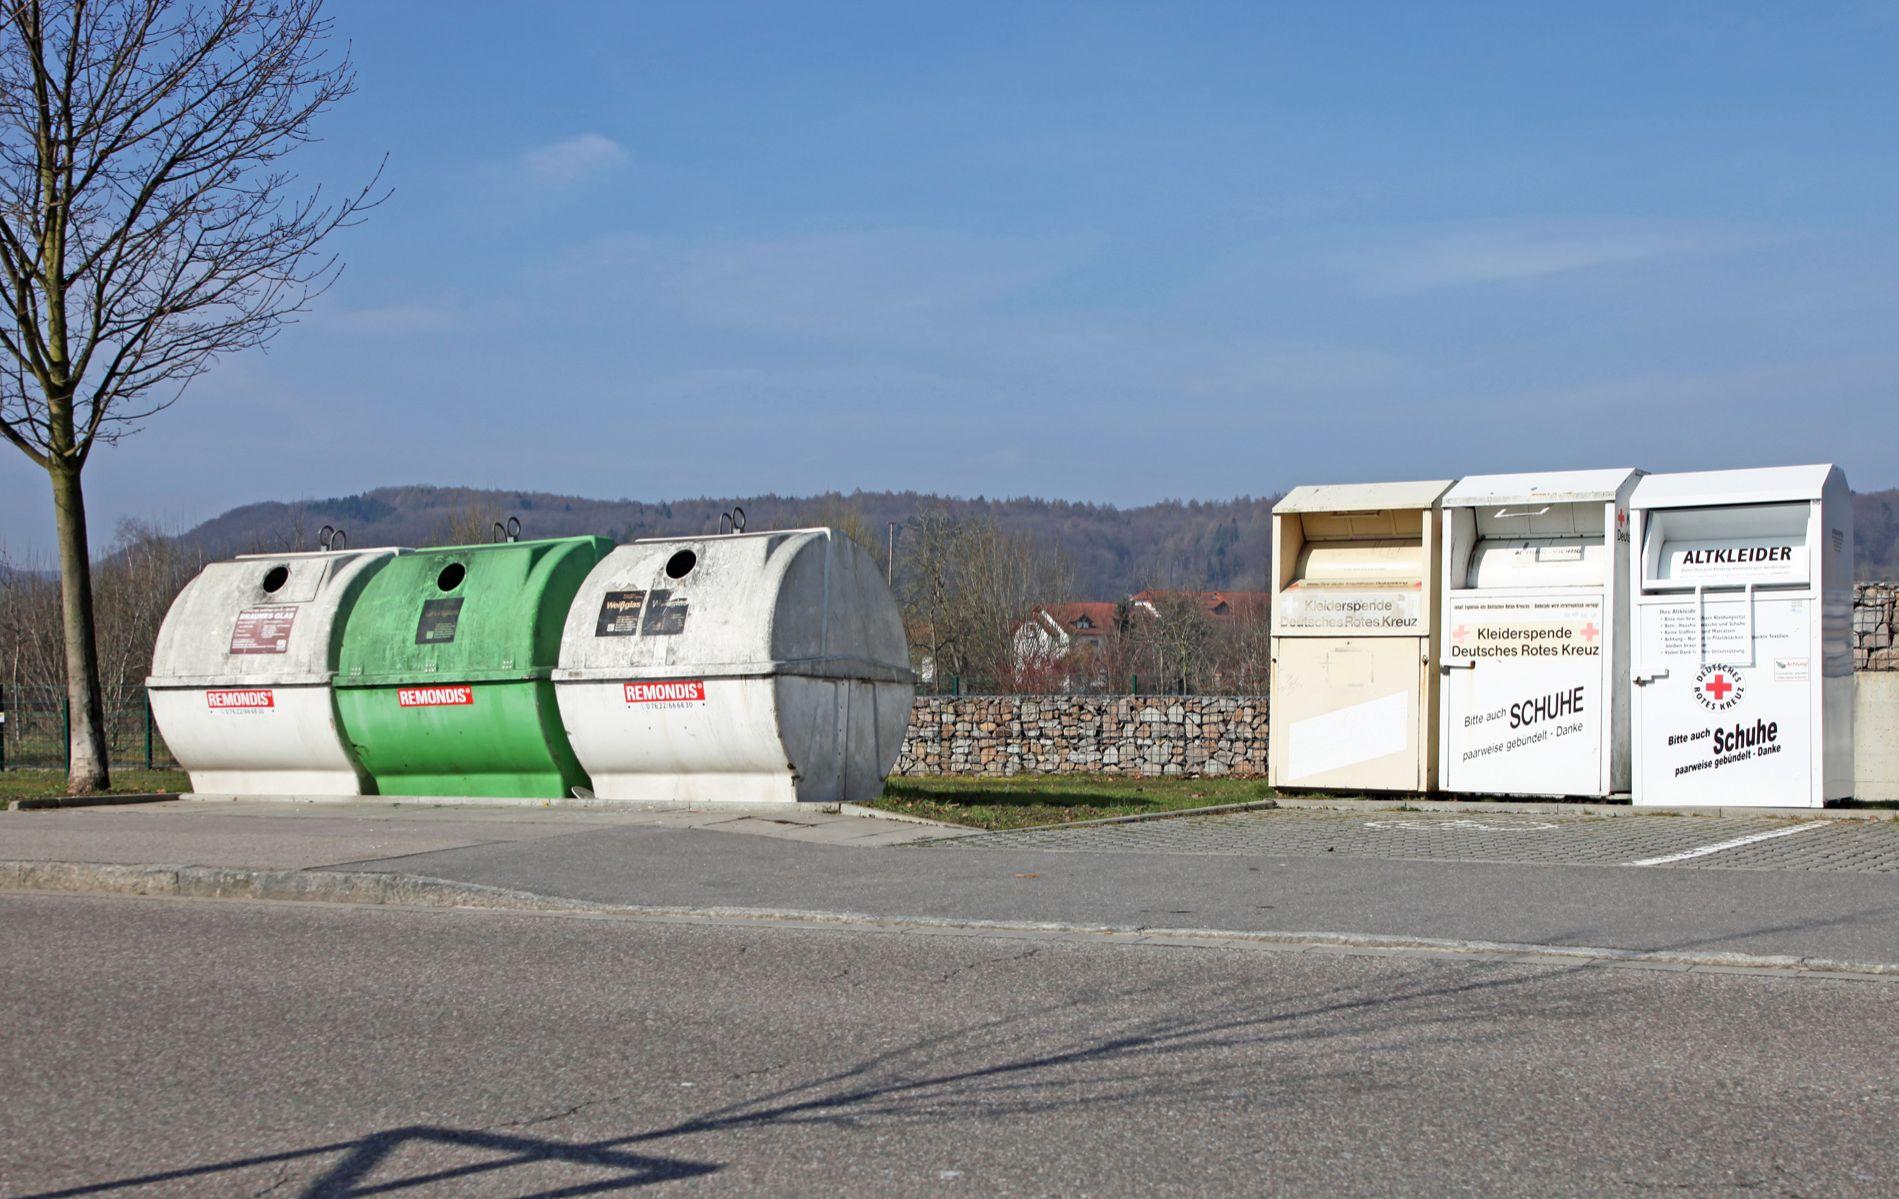 Wertstoffcontainer an einer Straße in Rheinfelden (Baden)